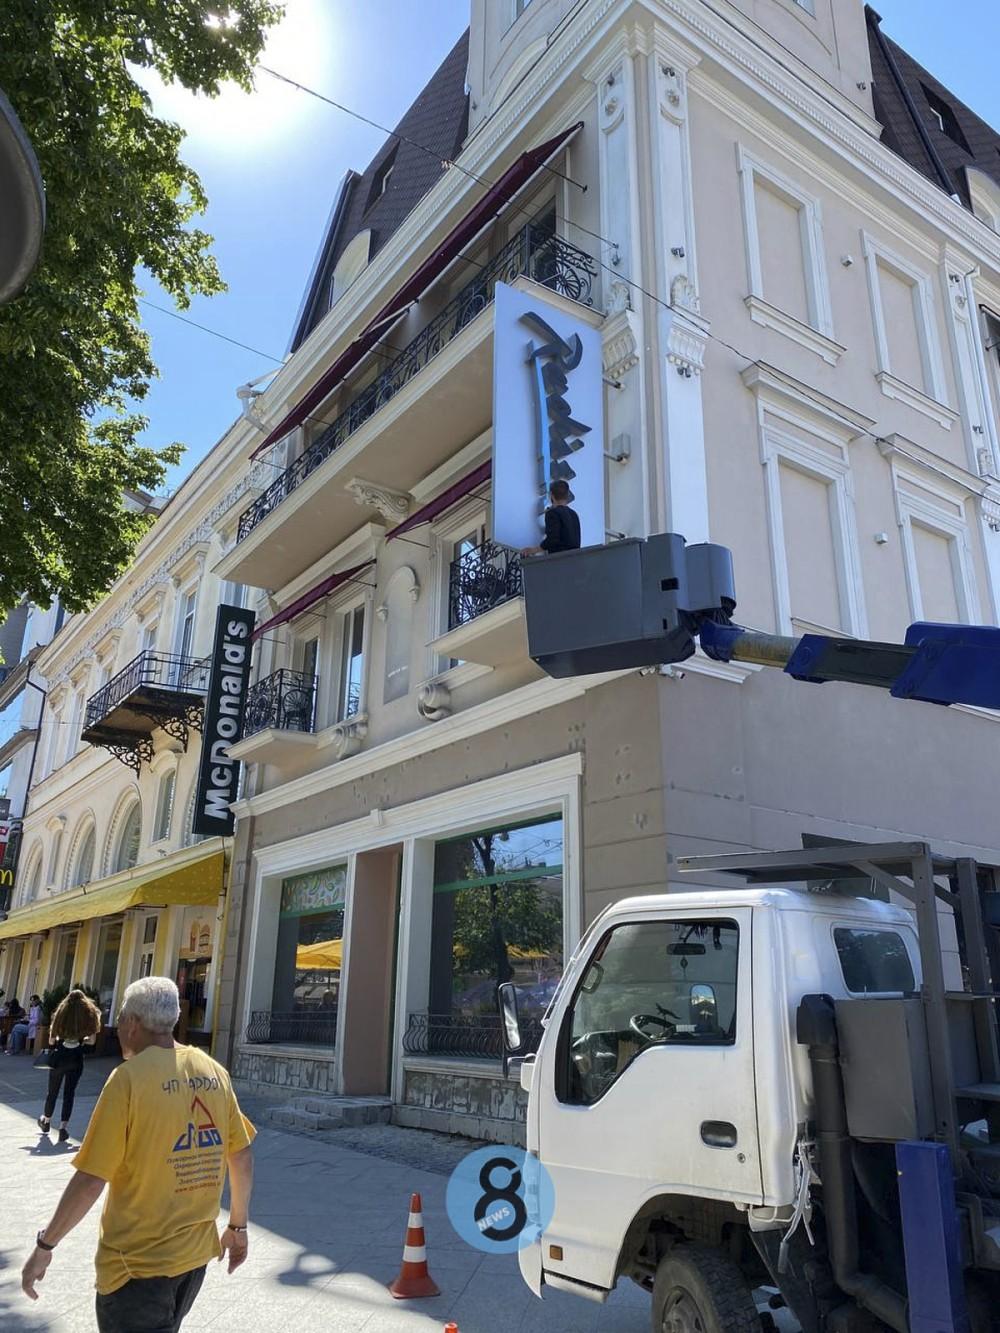 Radisson в Одессе // Отель крупнейшего гостиничного оператора готовится к открытию